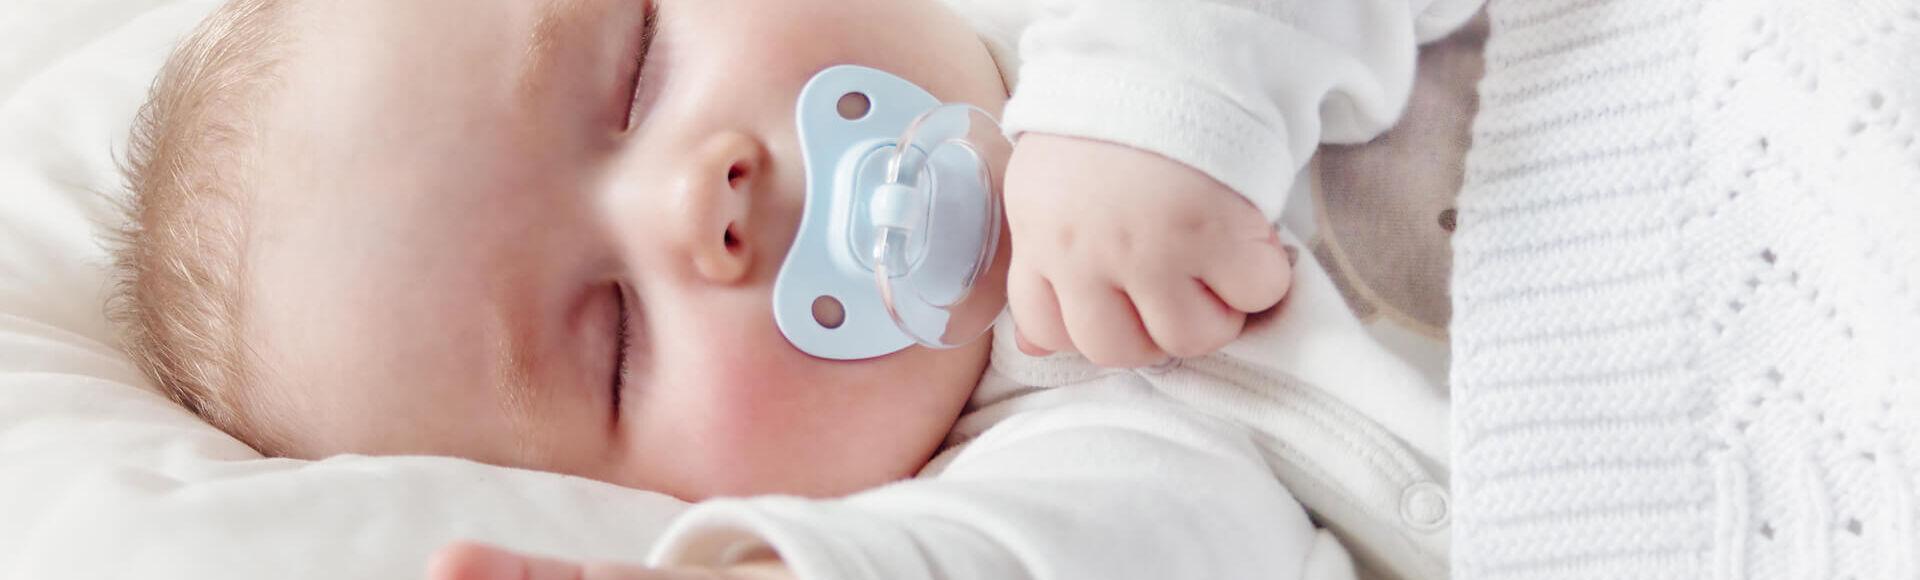 Como dormir um recém nascido